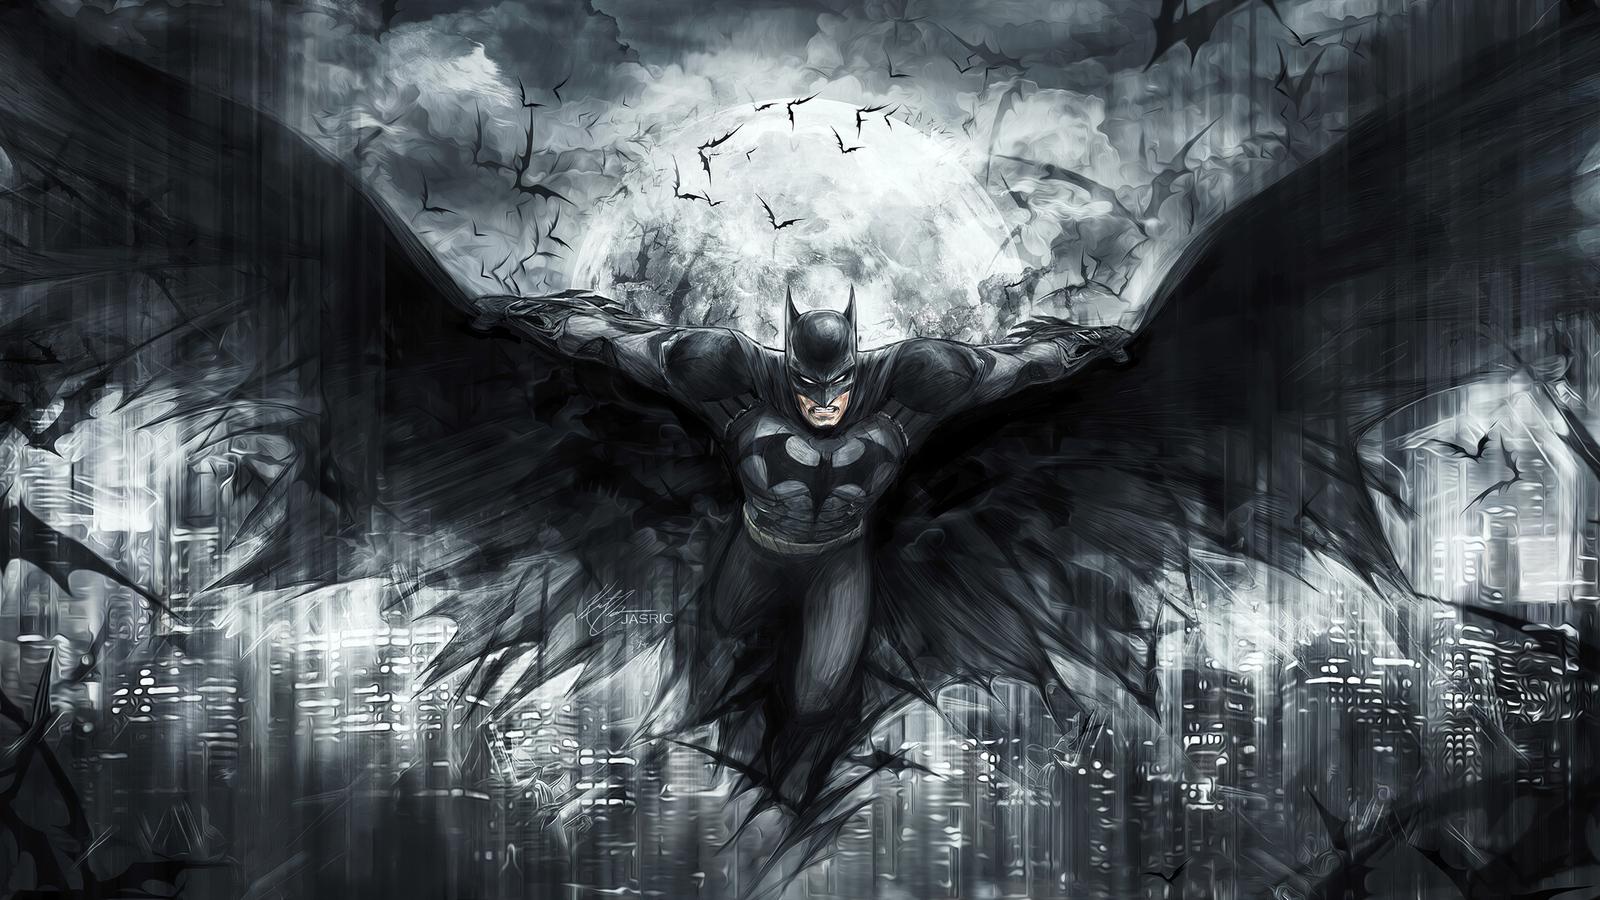 batman-artwork-knight-4k-y3.jpg